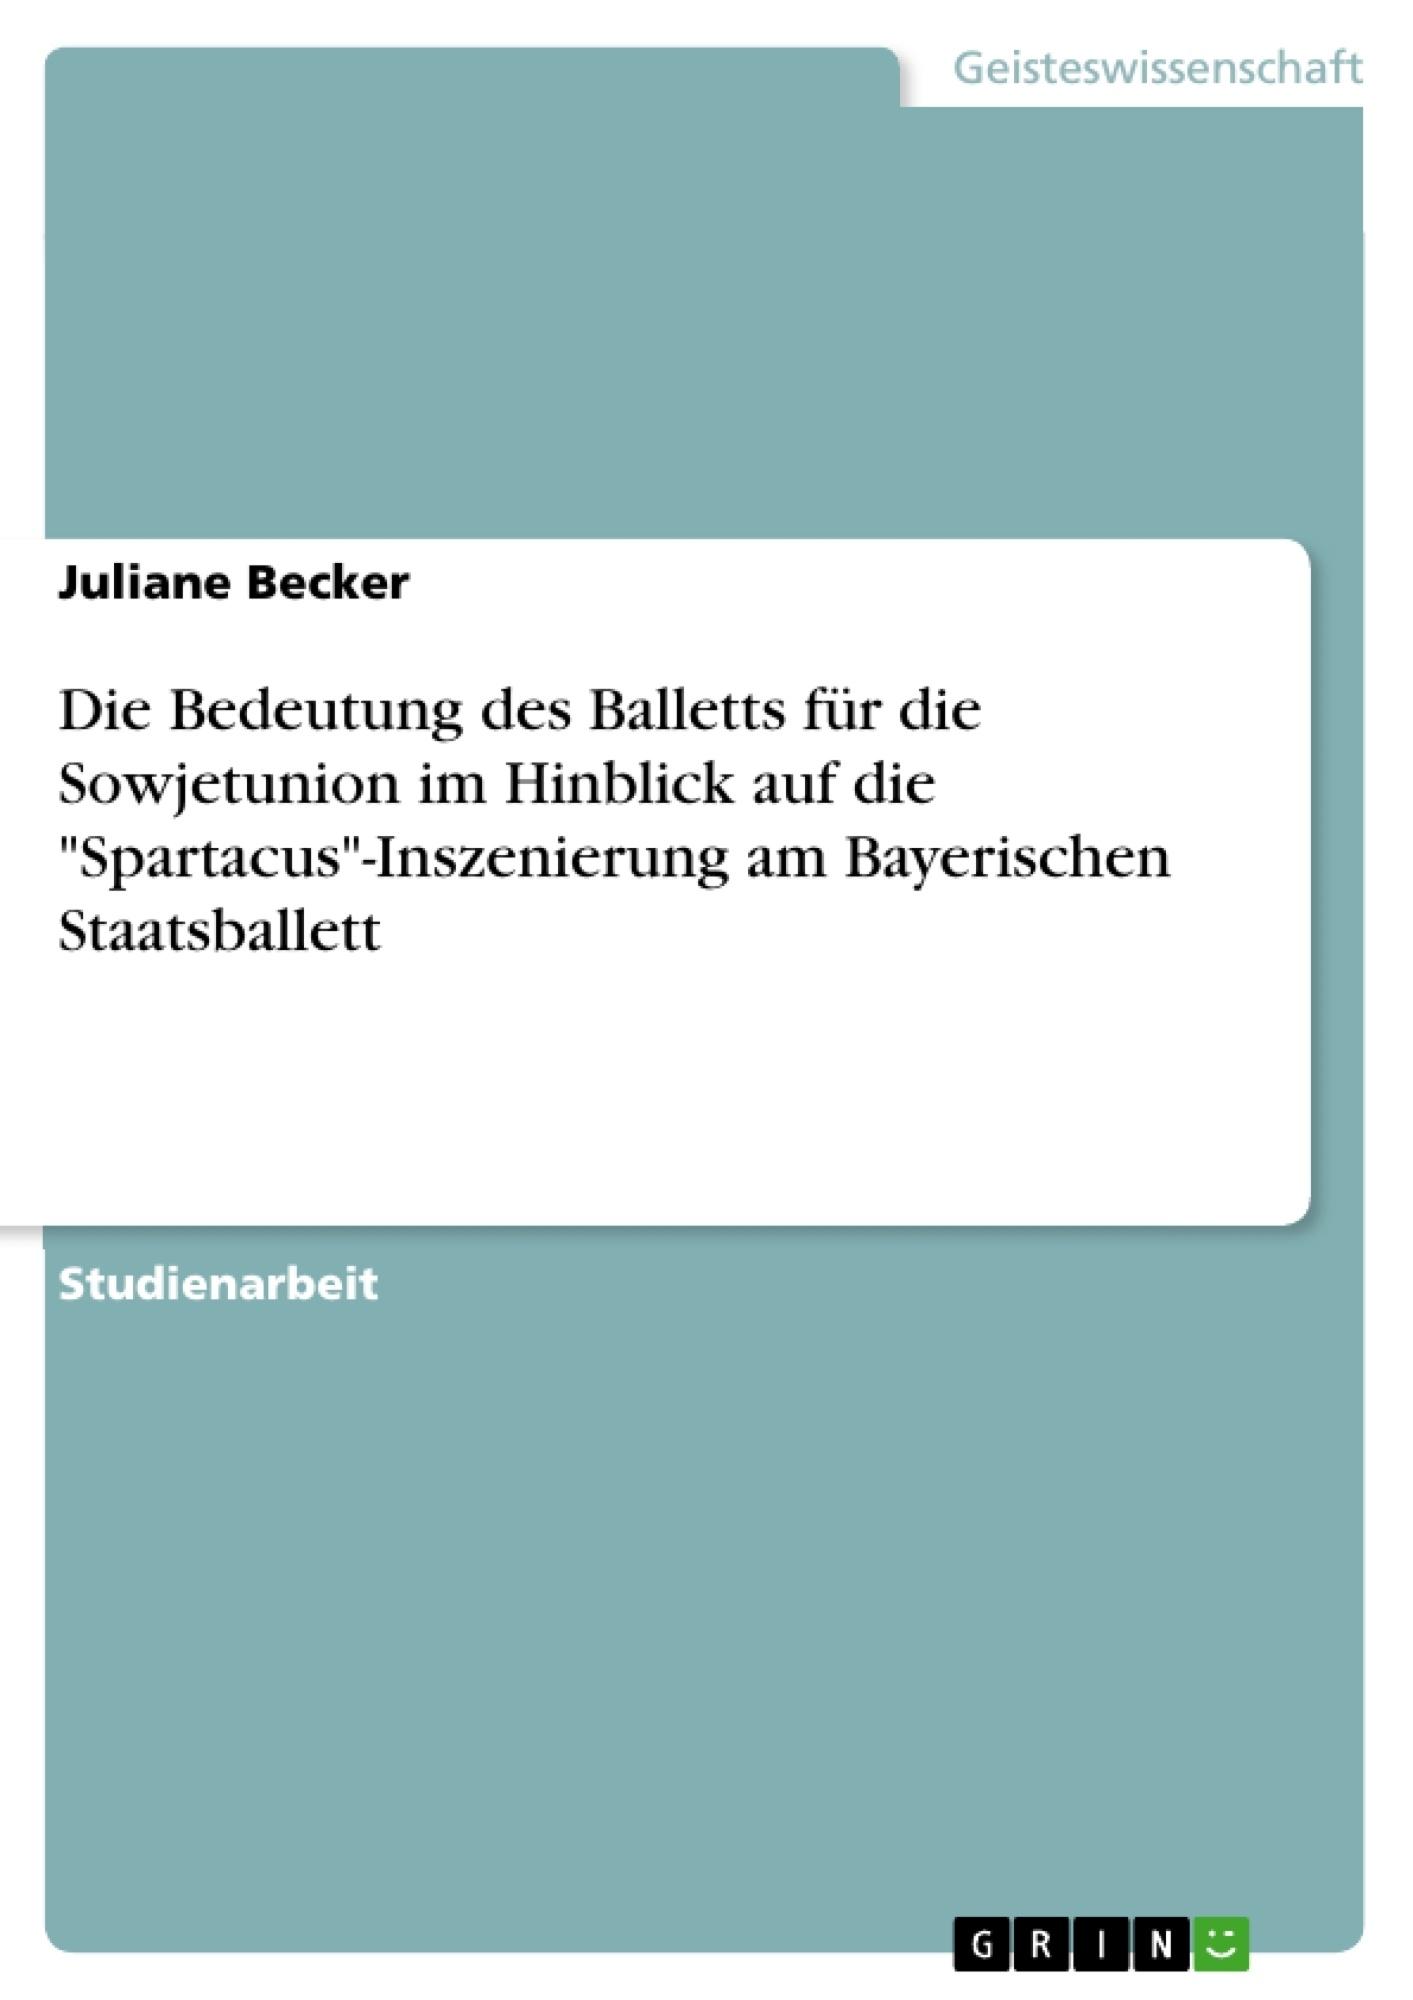 """Titel: Die Bedeutung des Balletts für die Sowjetunion im Hinblick auf die """"Spartacus""""-Inszenierung am Bayerischen Staatsballett"""